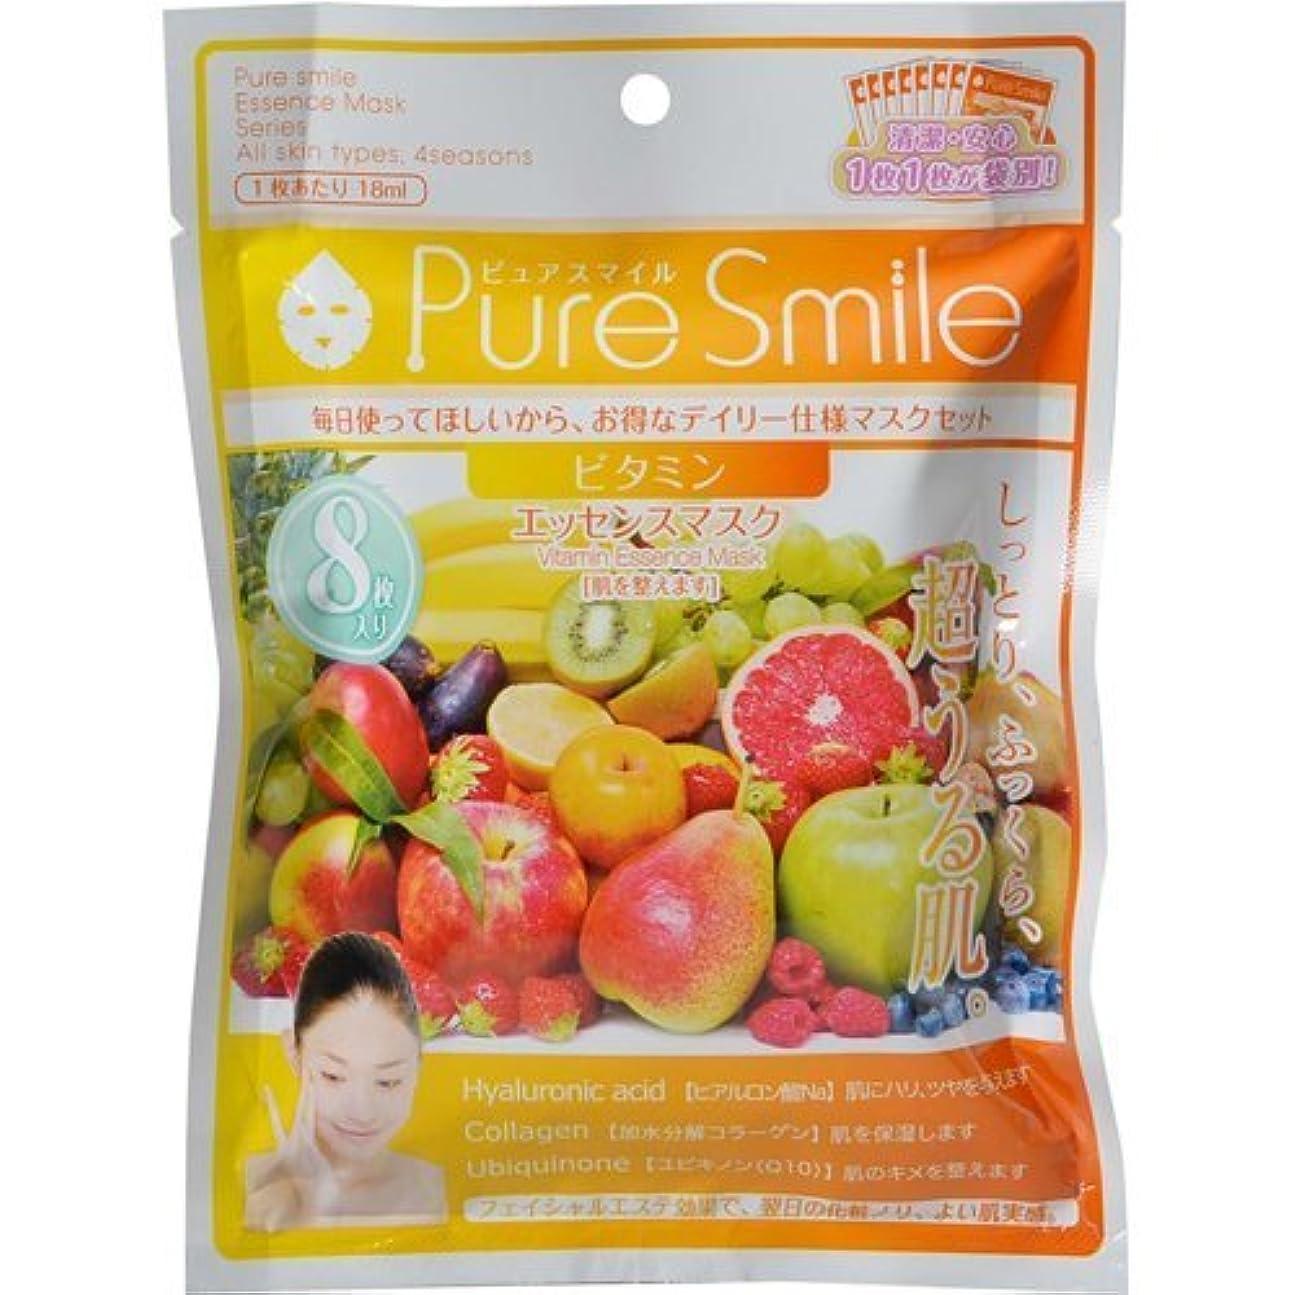 ヒステリック受け入れ使用法Pure Smile エッセンスマスク8枚セット ビタミン 8枚